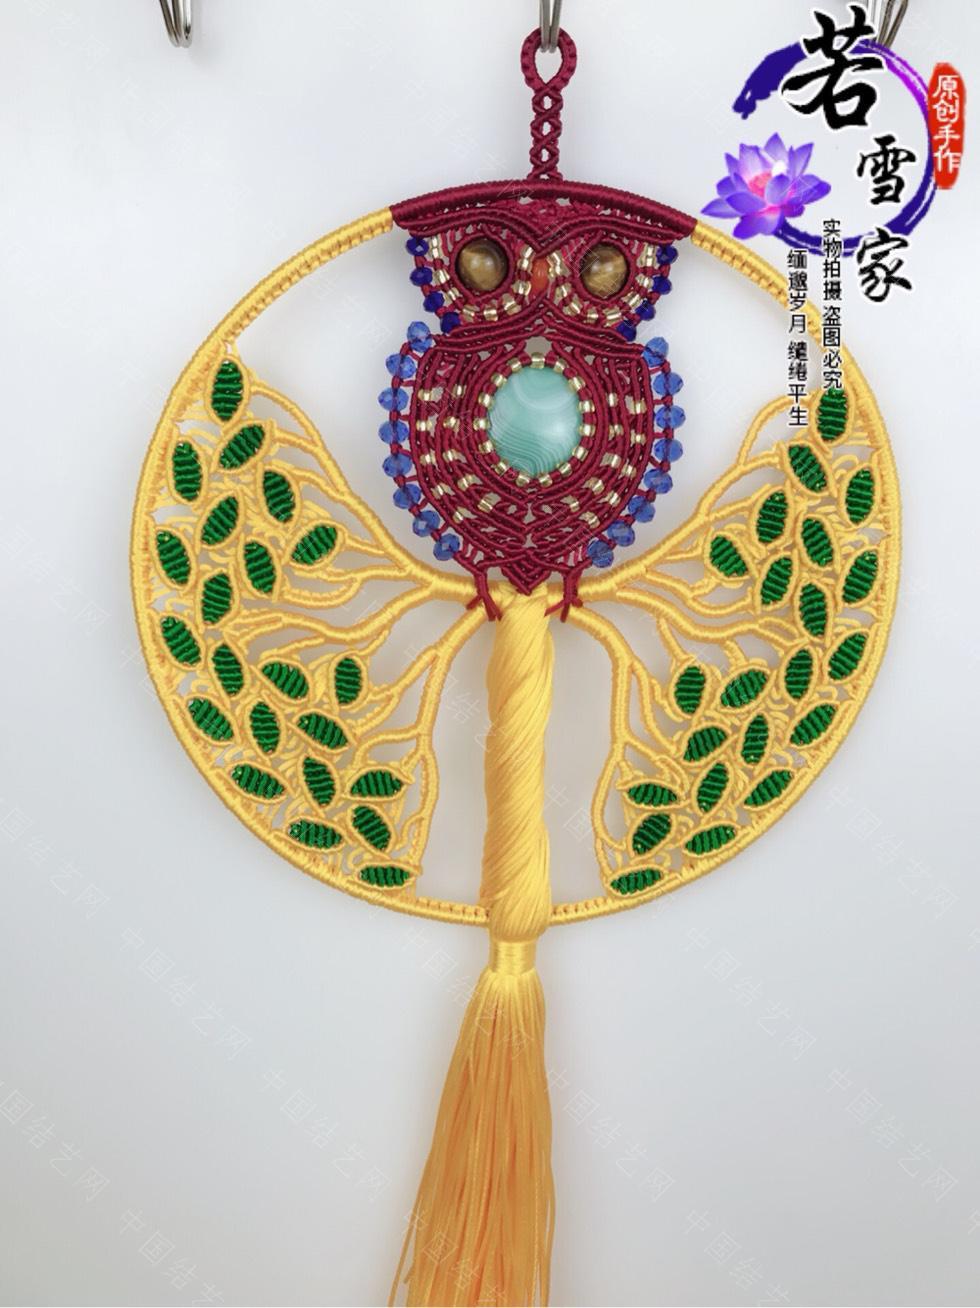 中国结论坛 守望壁挂  作品展示 170118jykk6zxbe6x6gqt6